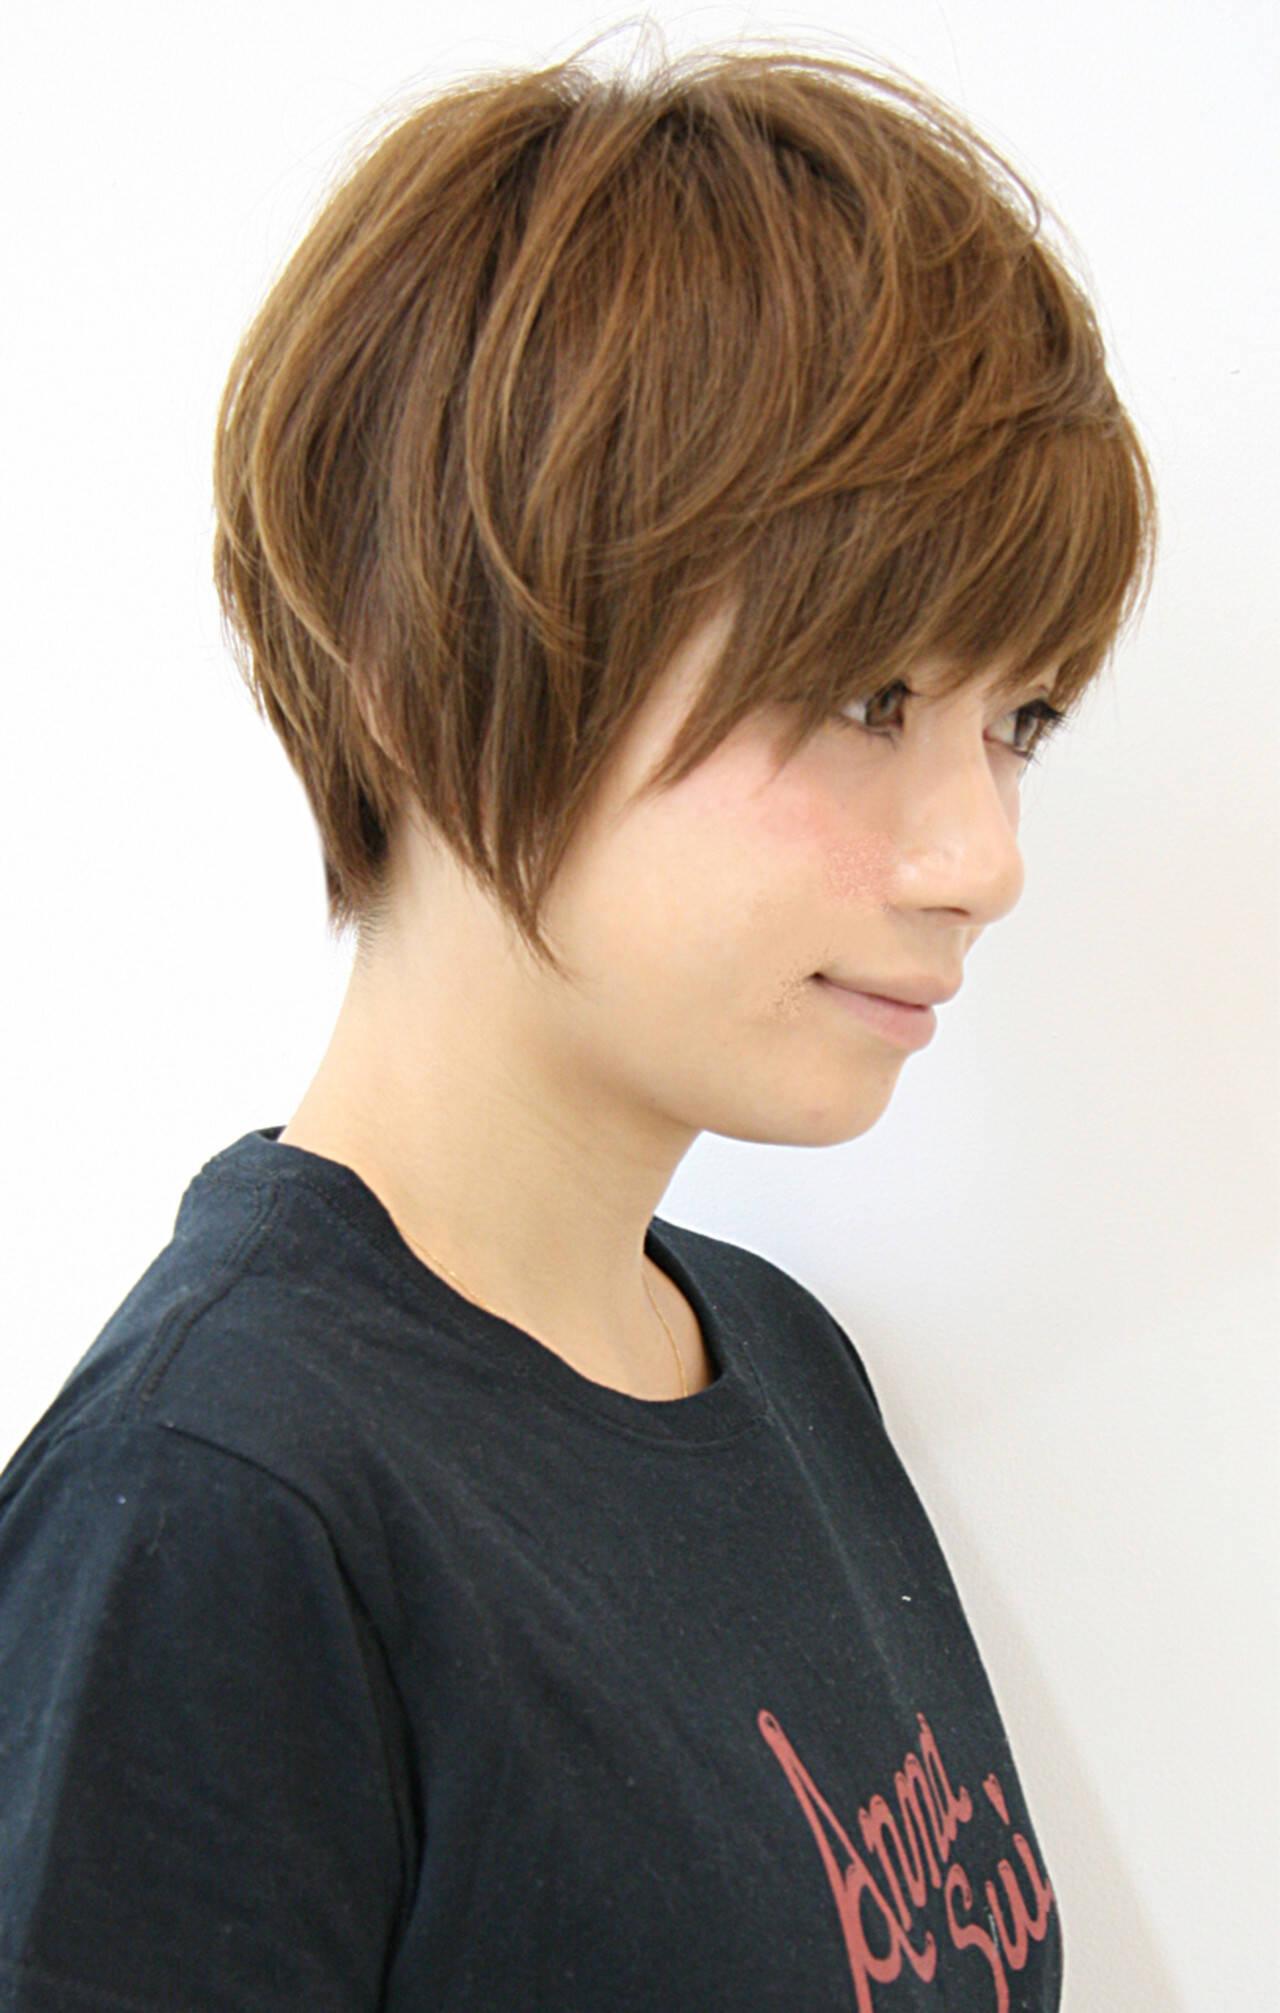 ショートバング 耳かけ ナチュラル 小顔ヘアスタイルや髪型の写真・画像